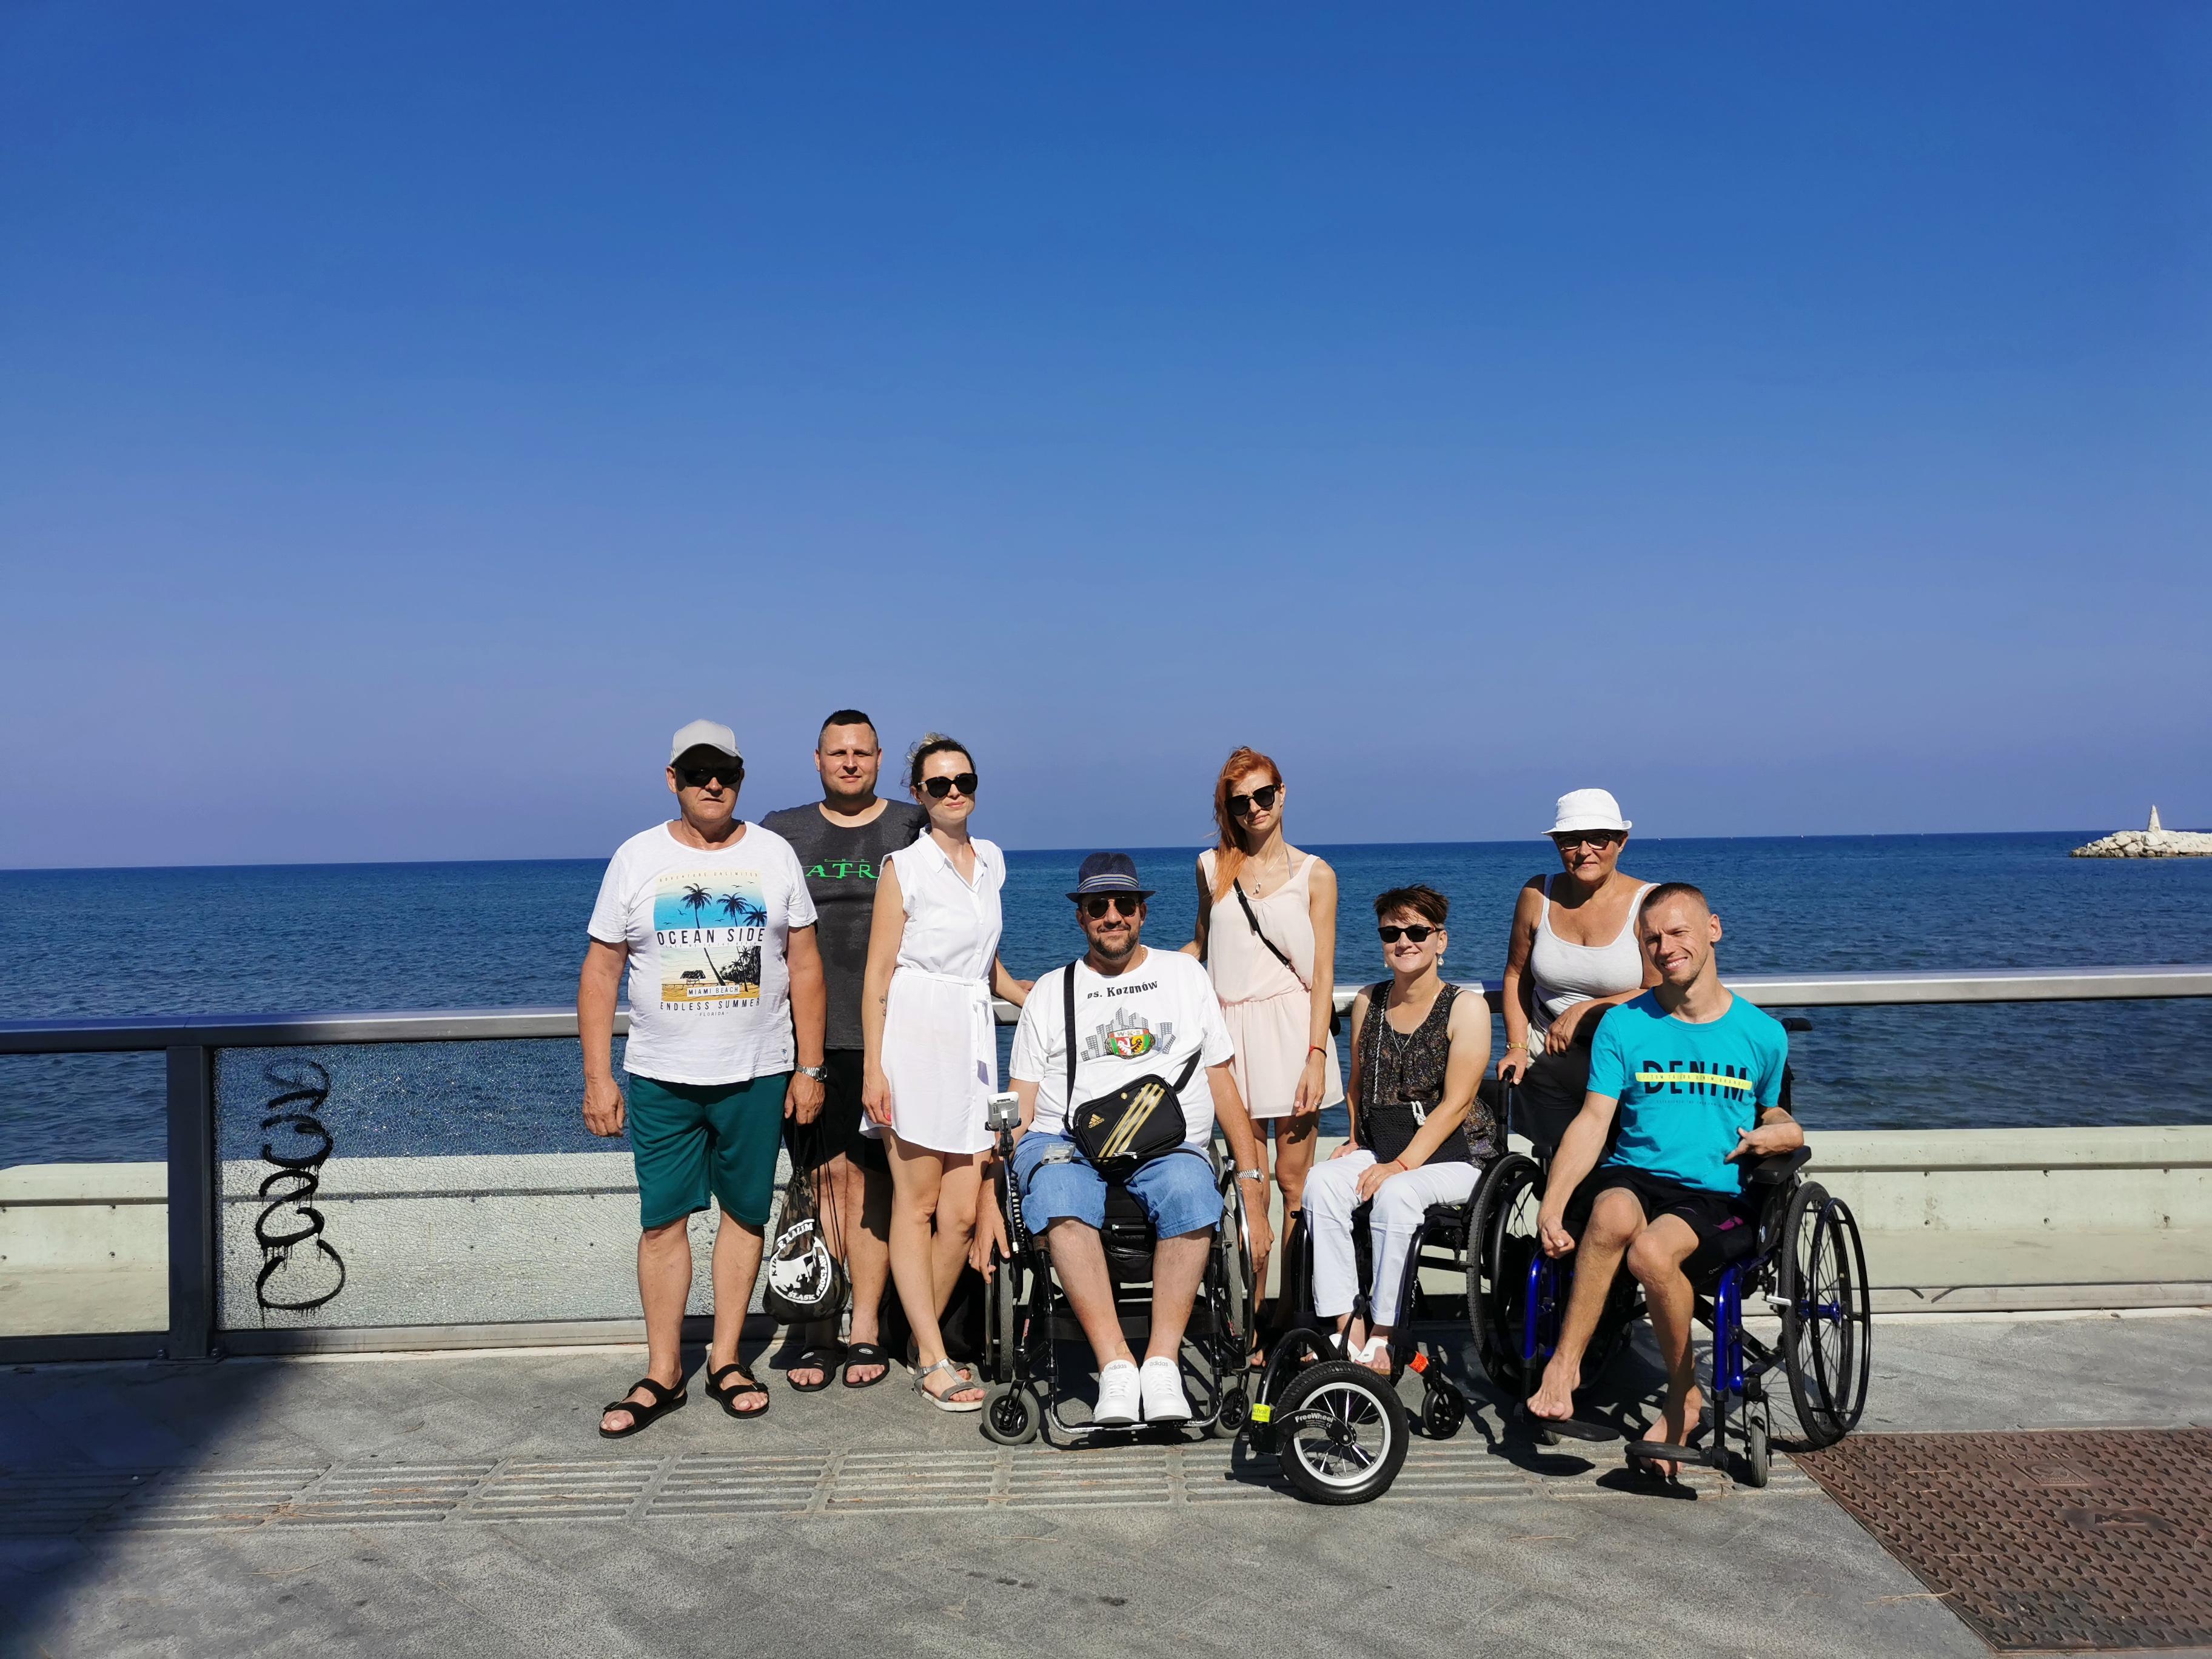 8 osób, w tym 3 na wózku, w wakacyjnym anturażu na tle morza.